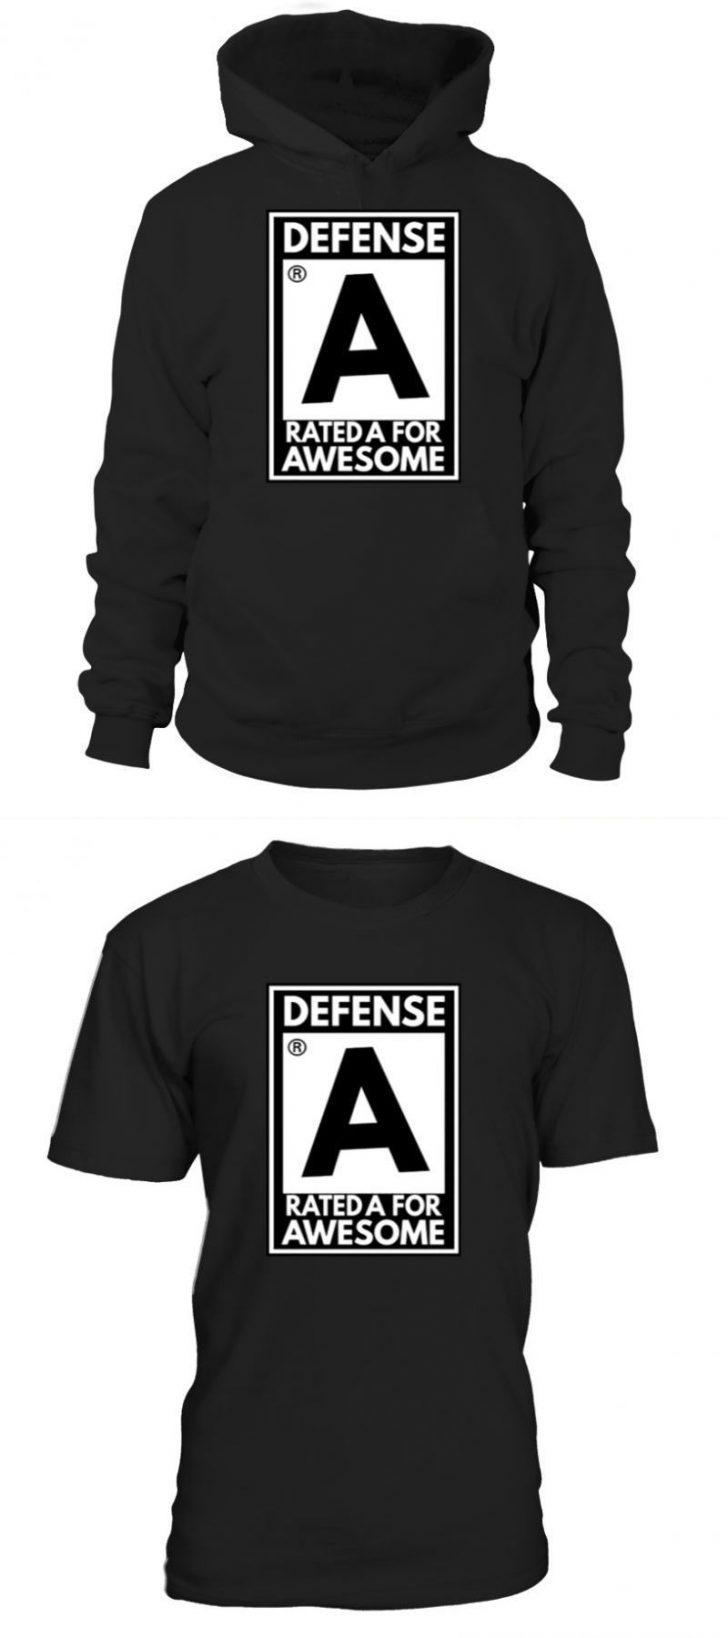 Medium Size of Coole T Shirt Sprüche Kinder Coole Tshirt Sprüche Zum 18. Geburtstag Coole T Shirts Sprüche Damen Coole Sprüche Für T Shirt Küche Coole T Shirt Sprüche